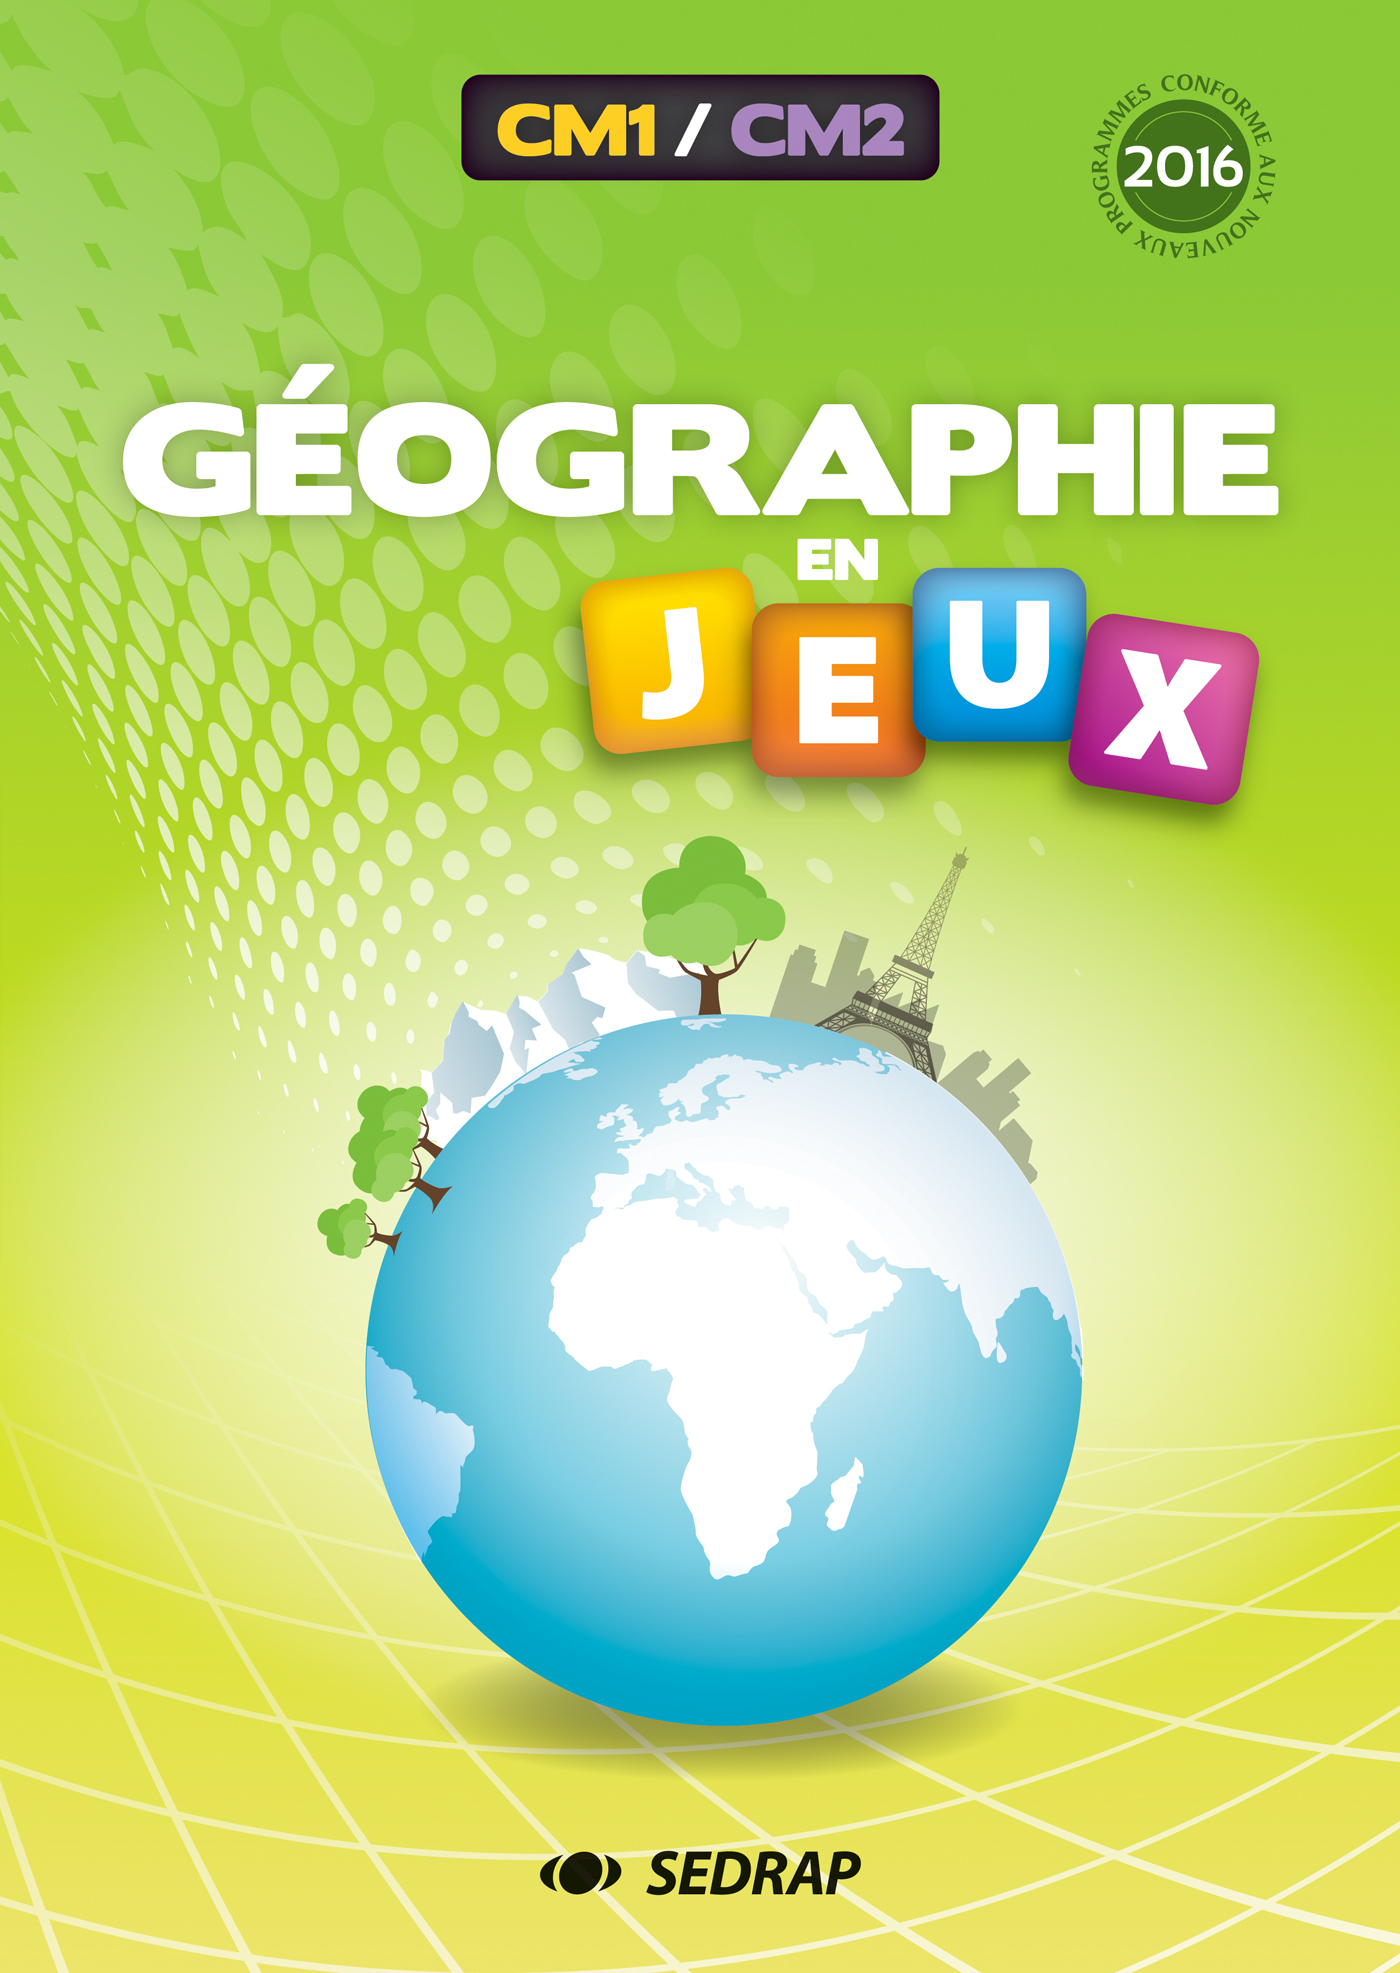 GEOGRAPHIE EN JEUX CM1 CM2